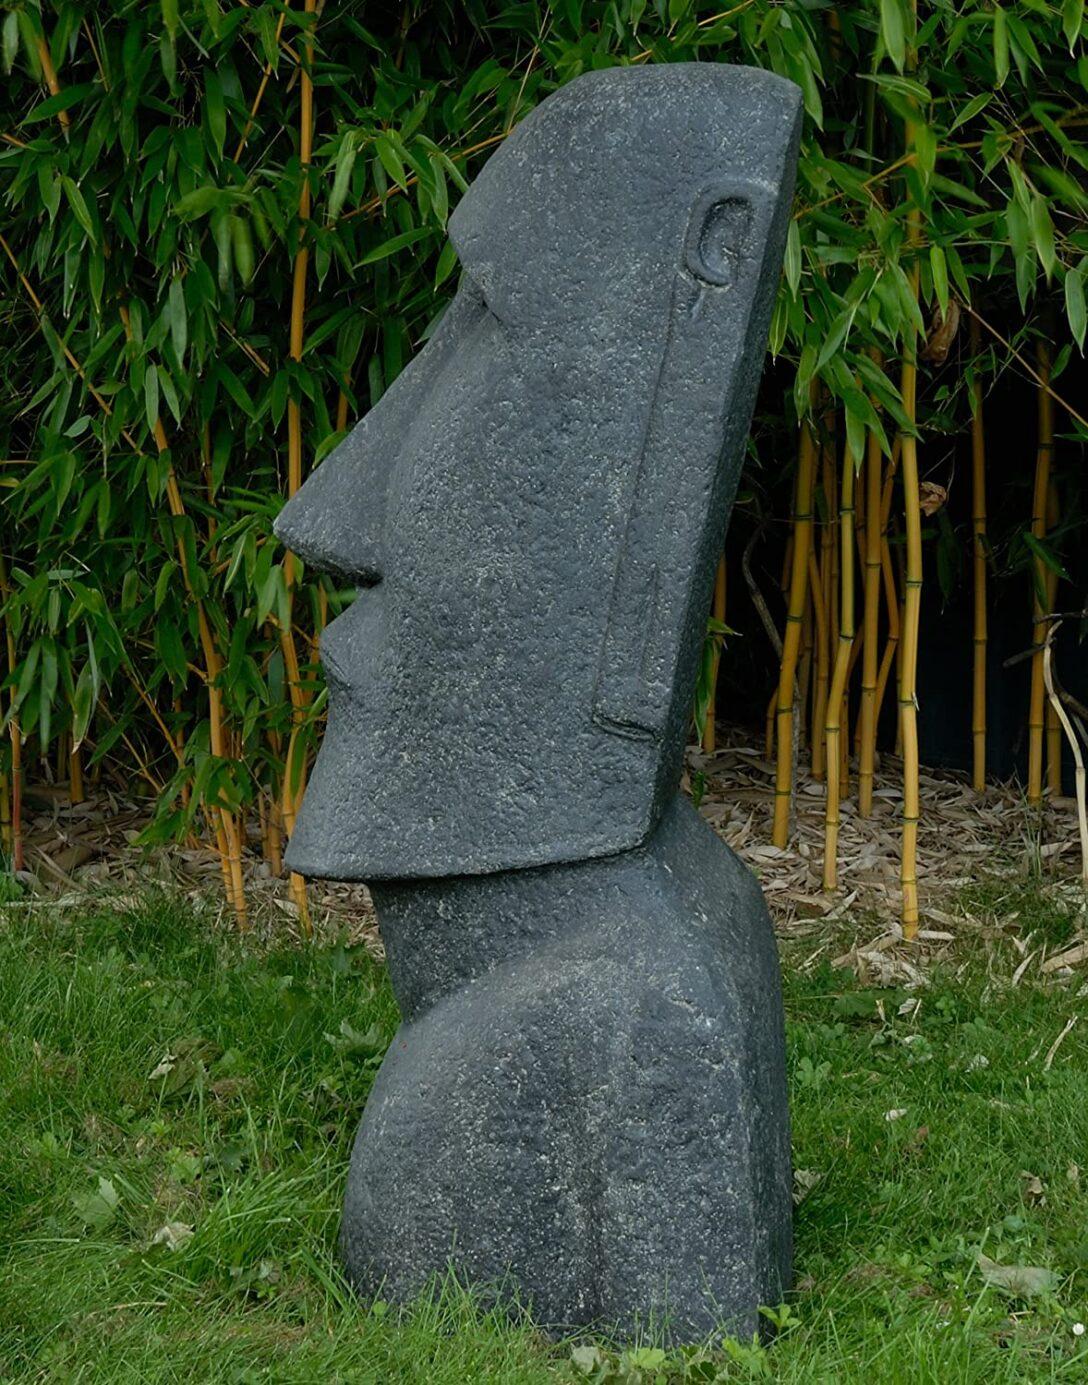 Large Size of Gartenskulpturen Stein Korboutlet Moai Kopf Steinguss Osterinseln Statue Figur Fr Haus Bad Gastein Therme Staffelstein Pension Hotel Alpina Hofgastein Wohnzimmer Gartenskulpturen Stein